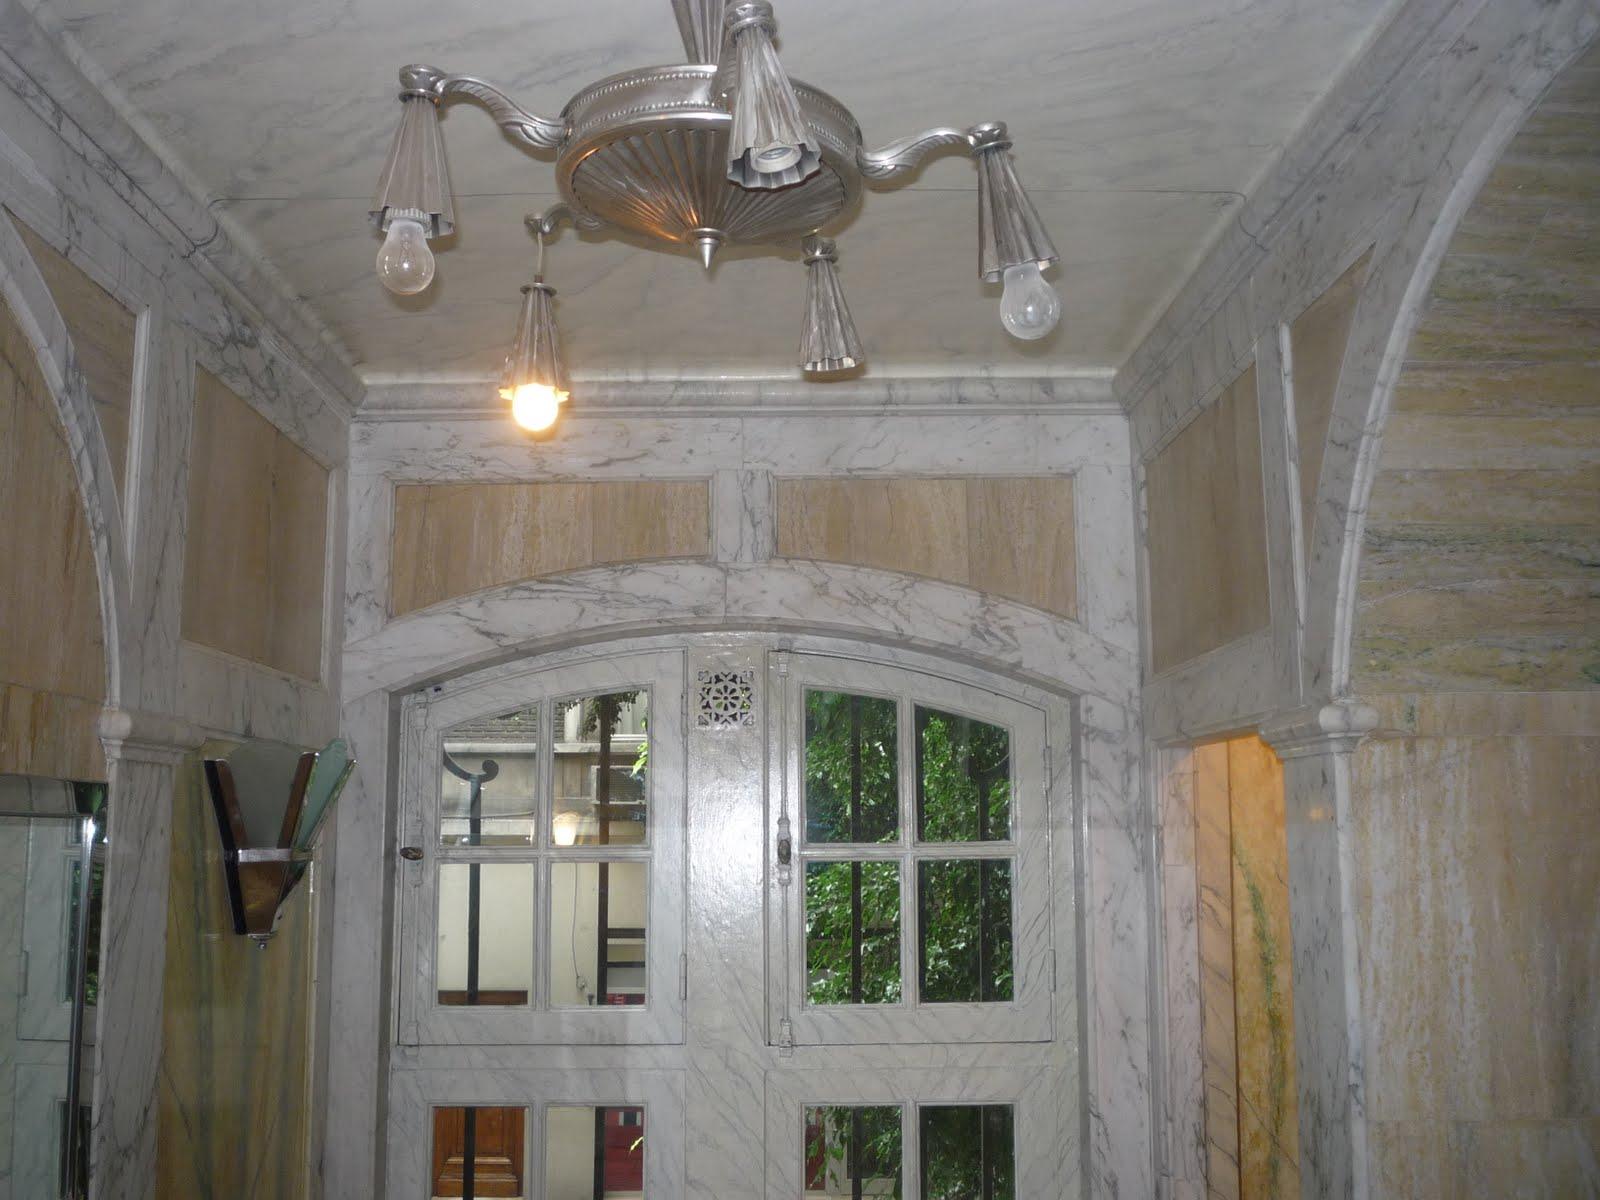 R m c pintura y decoracion paredes for Pintura y decoracion